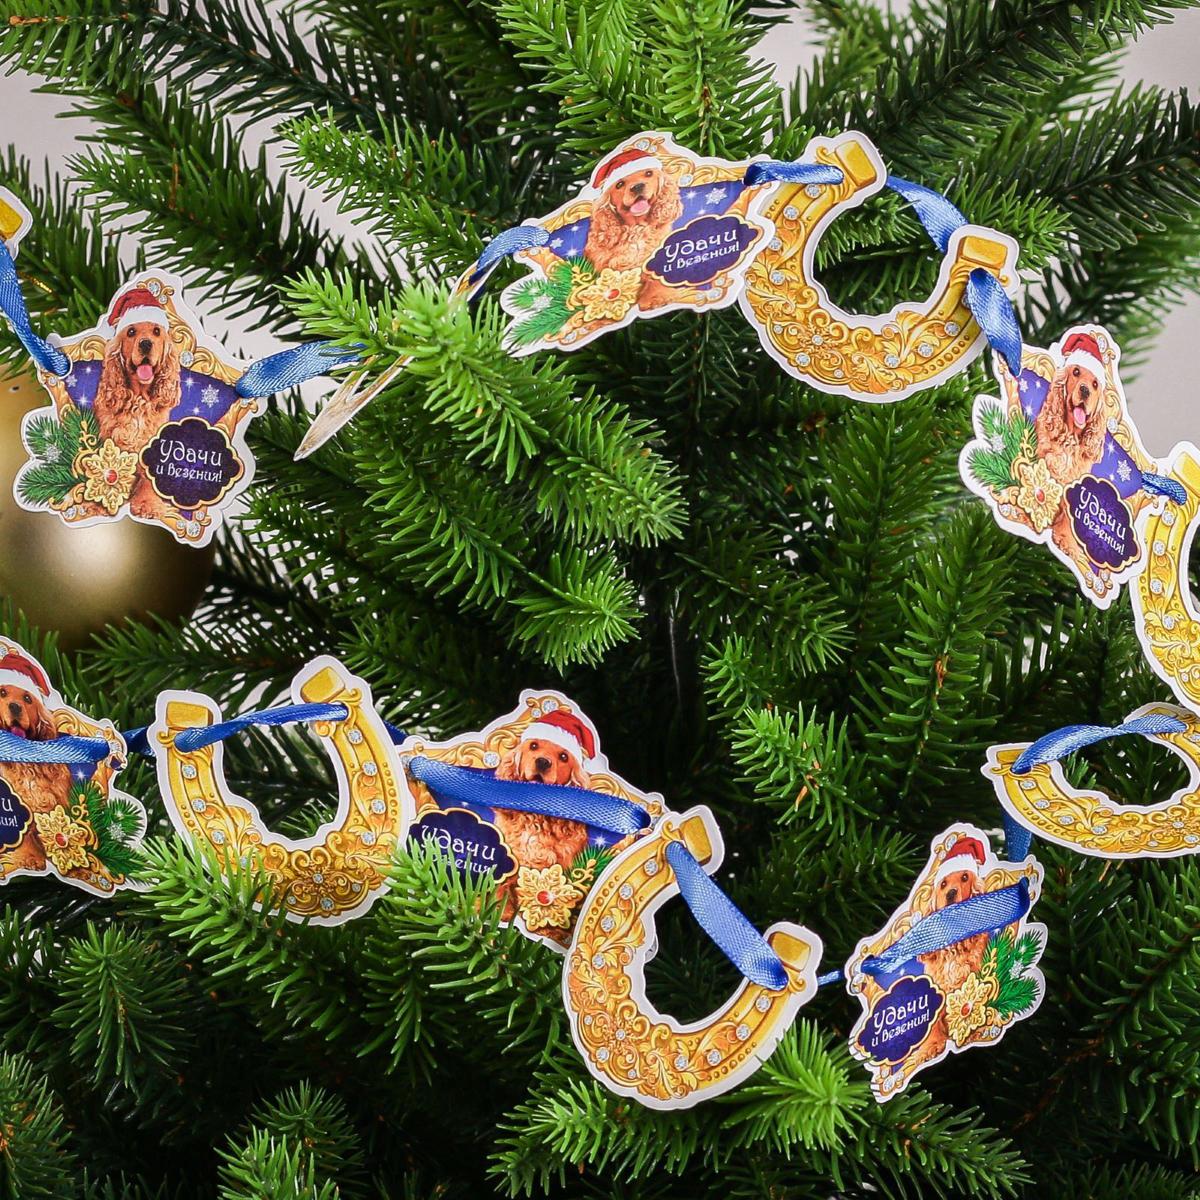 Гирлянда Удачи и везения, 8,5 х 8 см, длина 2 м2268898Оформление — важная часть любого торжества, особенно Нового года. Яркие украшения для интерьера создадут особую атмосферу в вашем доме и подарят радость. Гирлянда придется по душе каждому. Подвесьте ее в комнате, и праздничное настроение не заставит себя ждать.